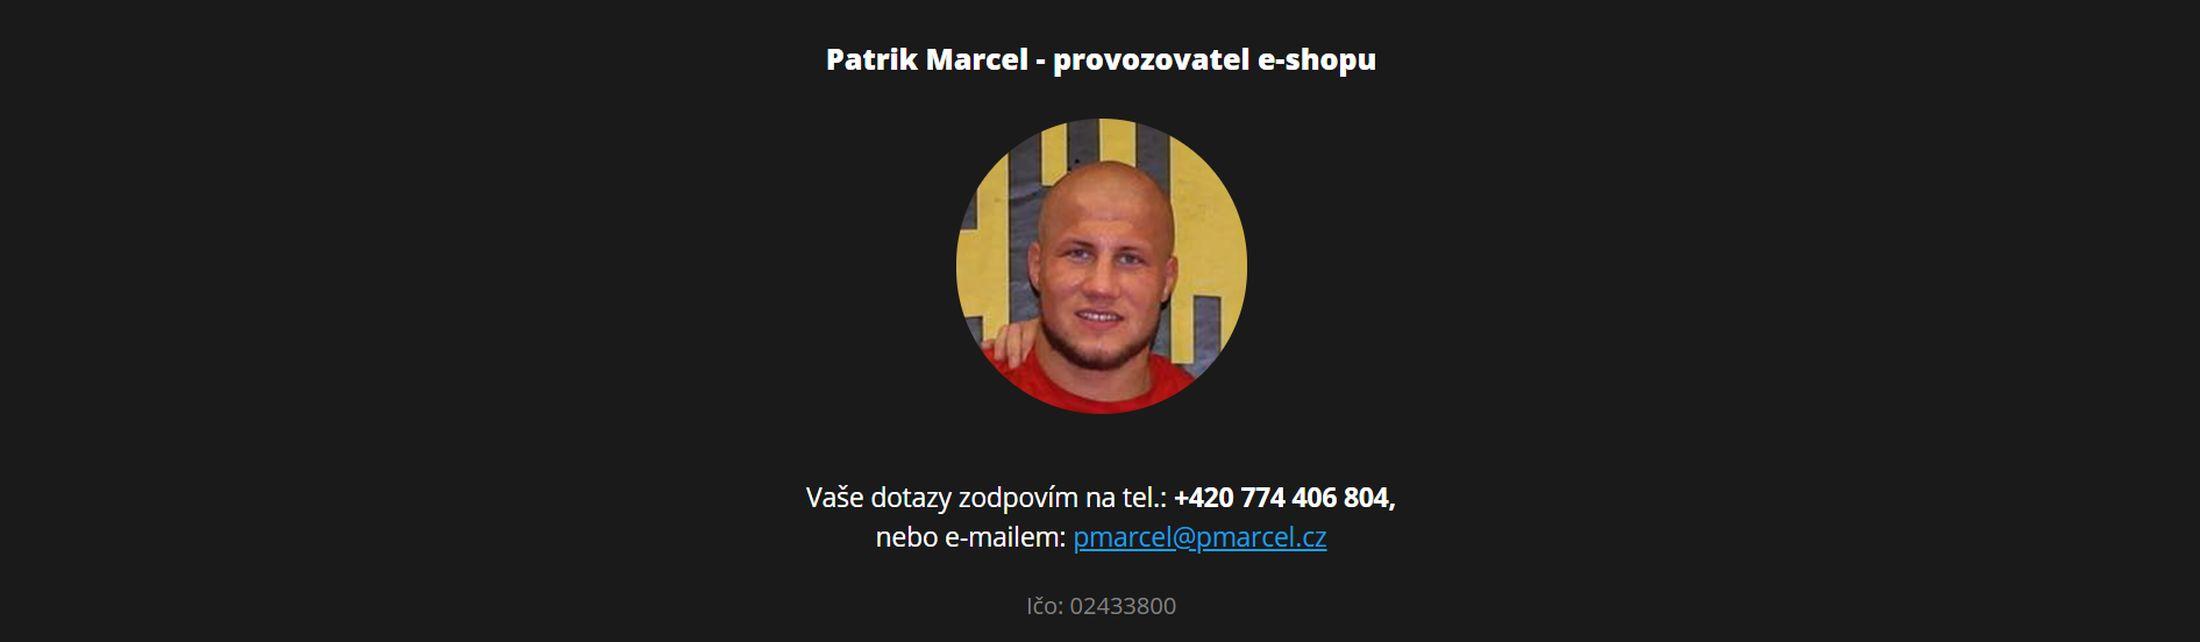 E-shop Patrika Marcela – BEDERNÍ PÁSY, BALZÁMY, ŠKRABKY, AUTOLEŠTĚNKY, ČISTIČE – on-line